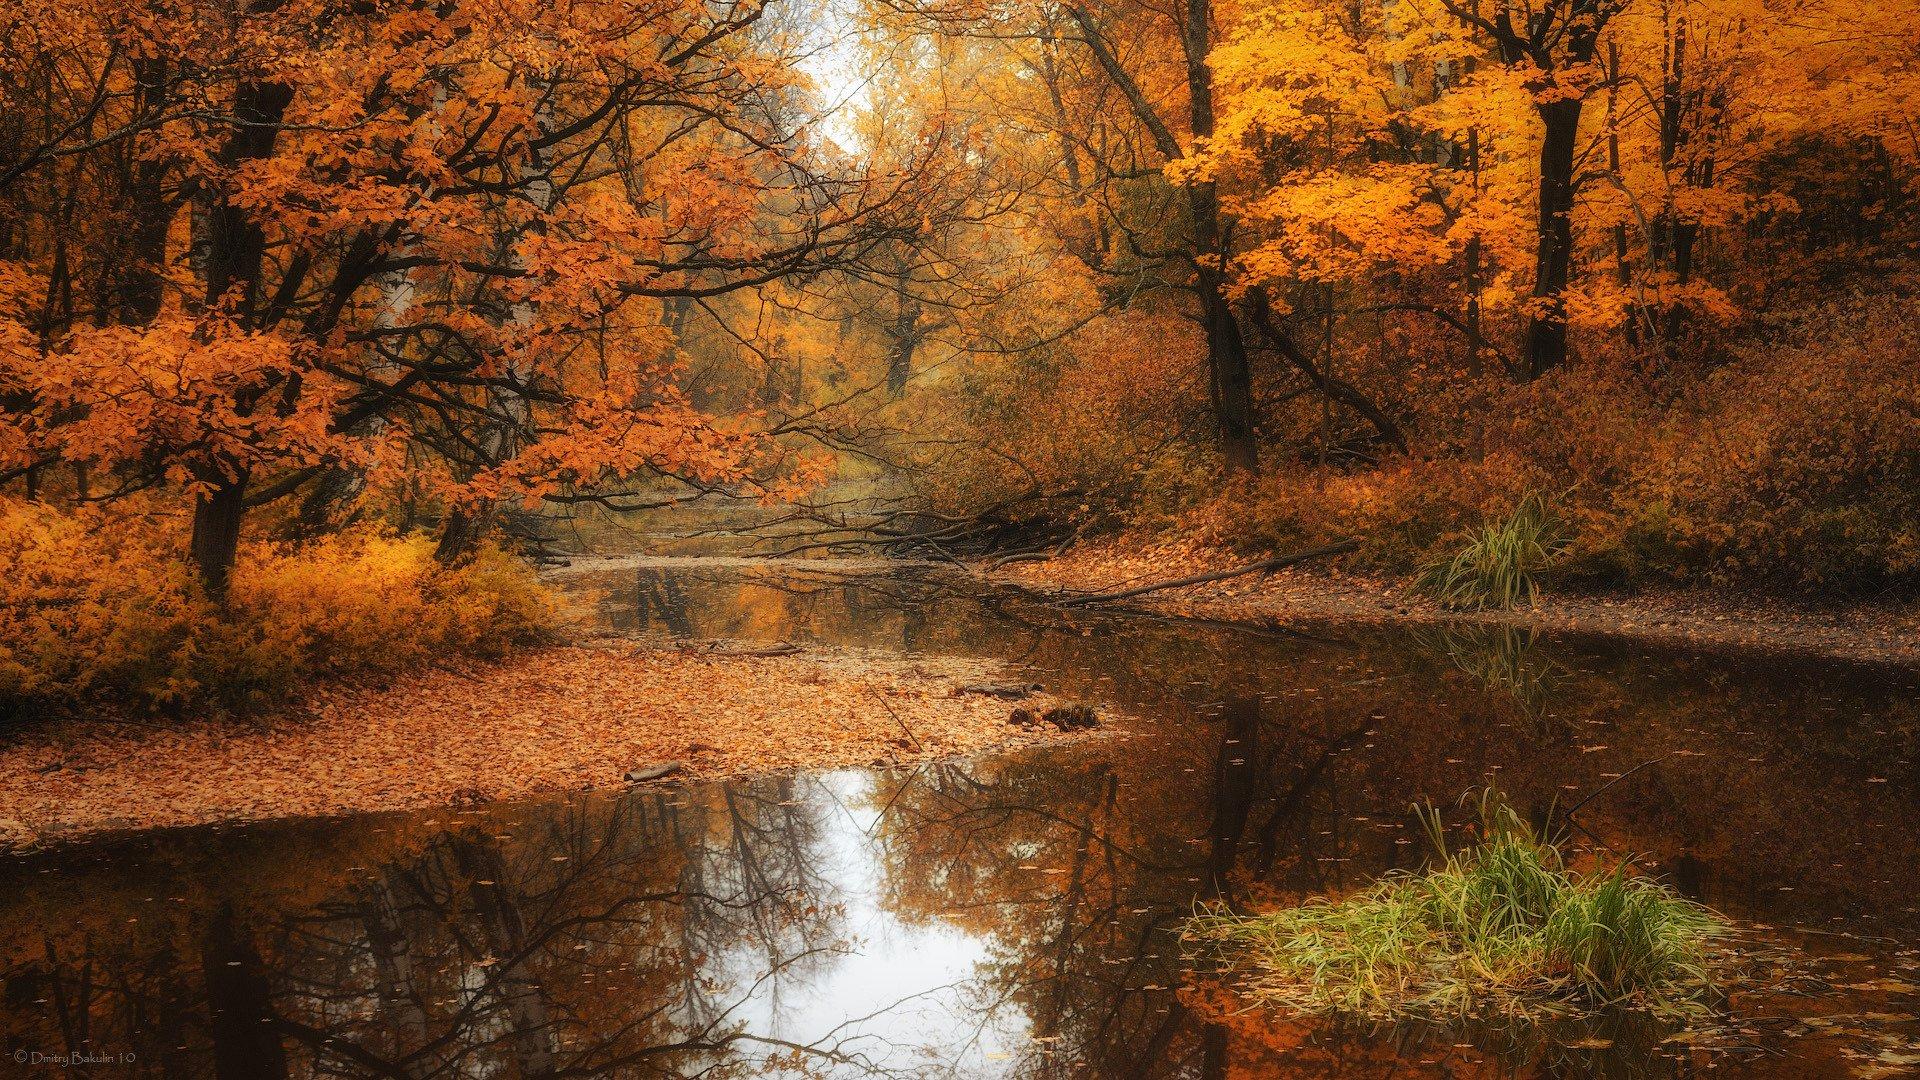 Земля/природа - Осень  Обои